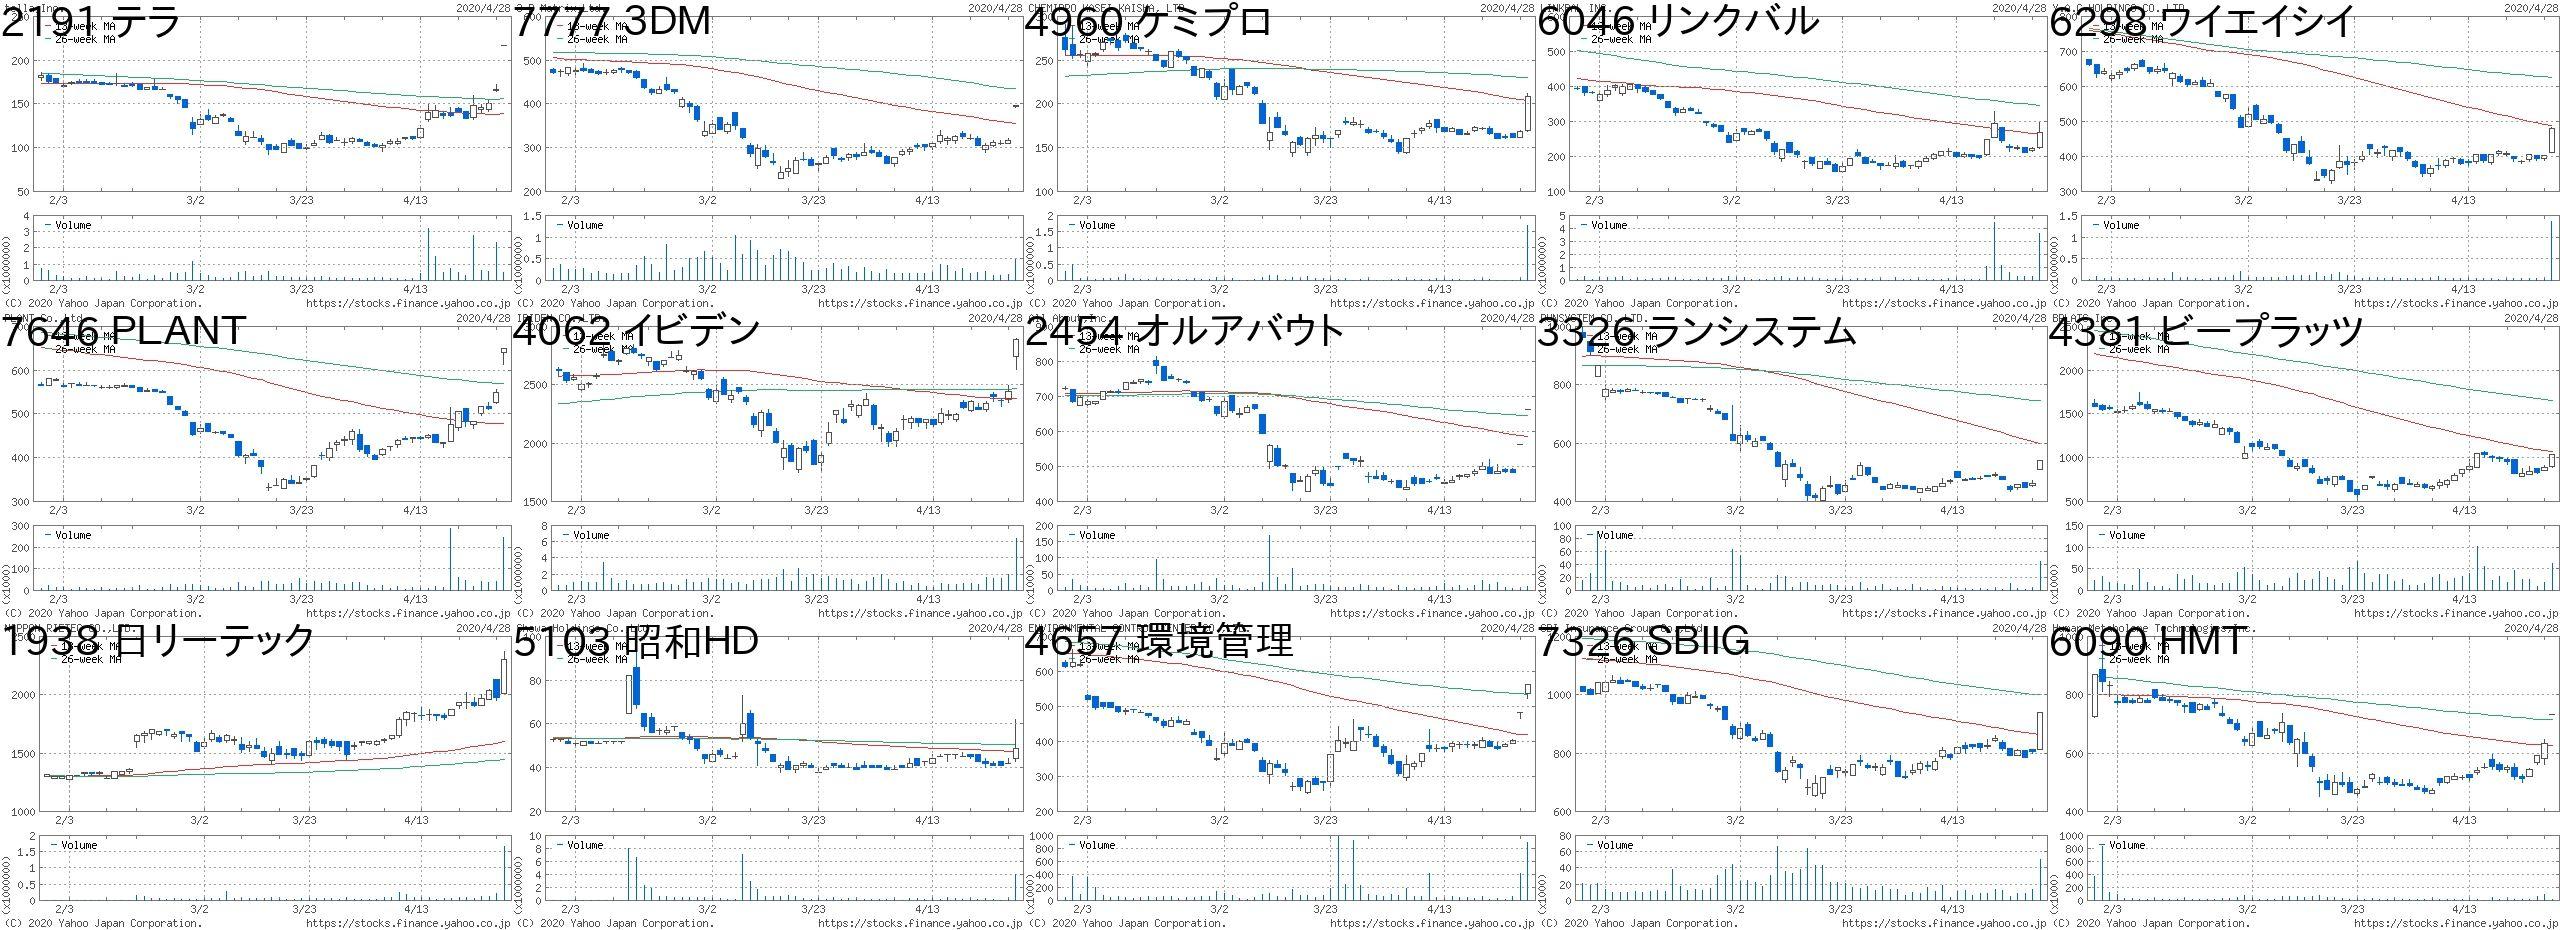 株価 アステリア